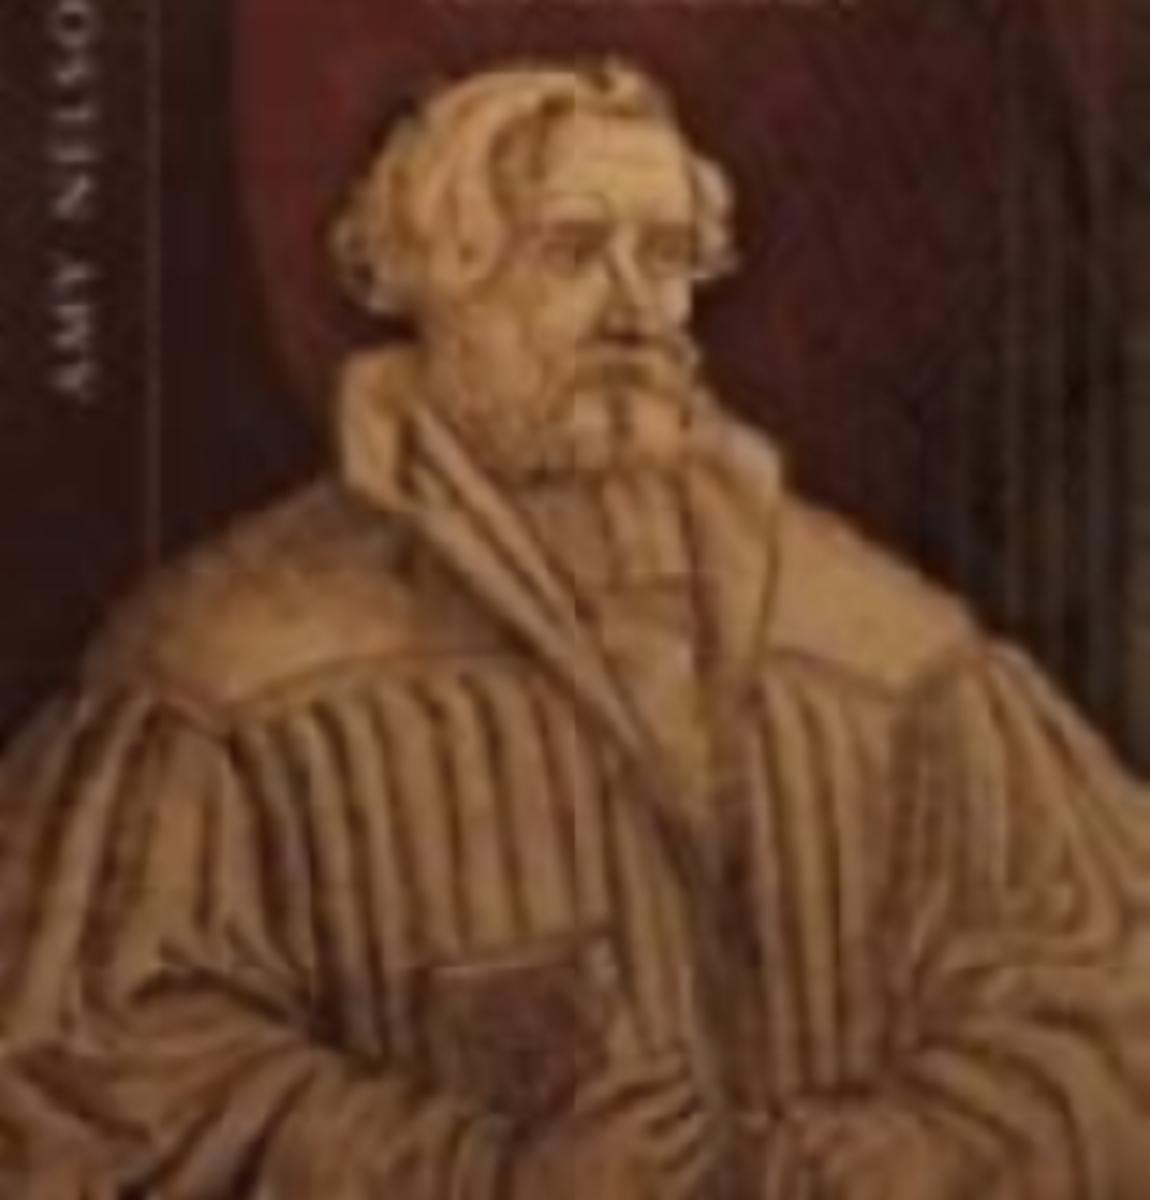 historical-review-of-andreas-rudolph-bodenstein-von-karlstadt